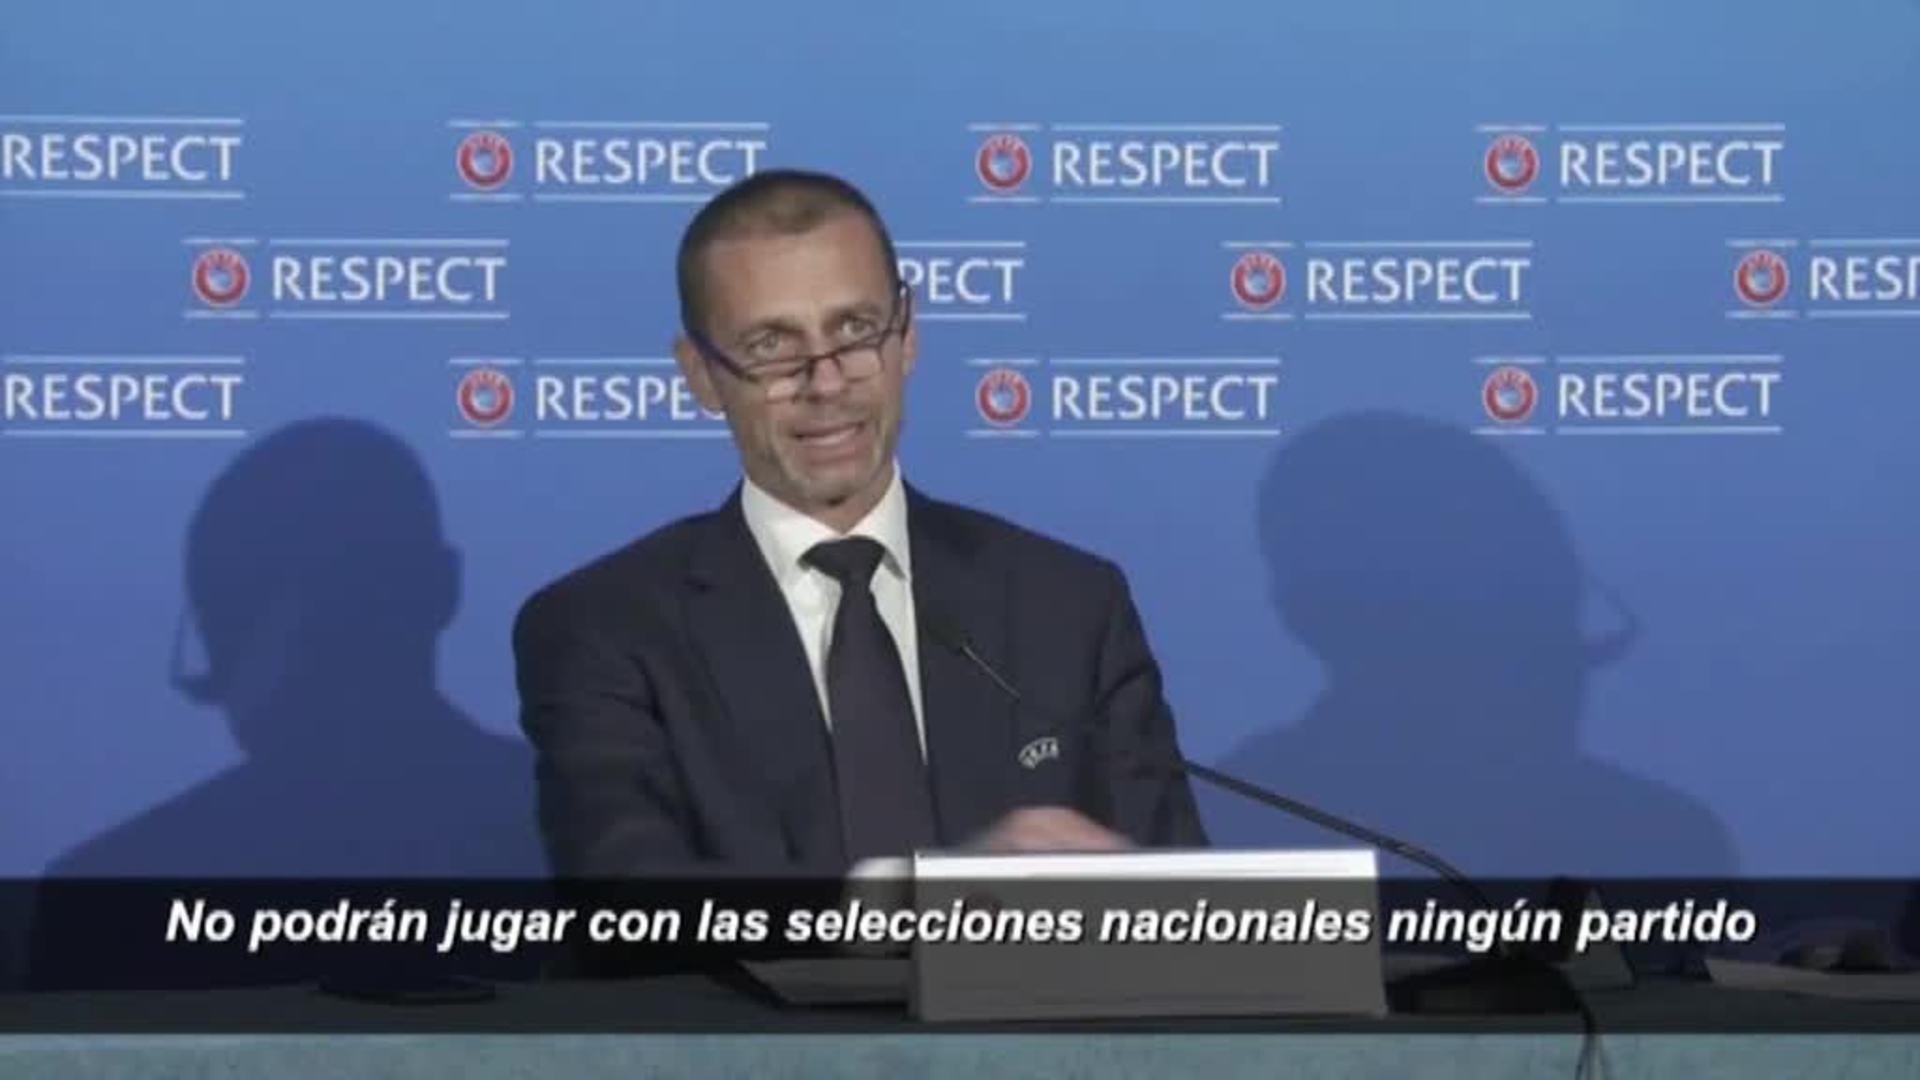 La UEFA anuncia que los jugadores que disputen la Superliga no podrán competir en Eurocopas y Mundiales